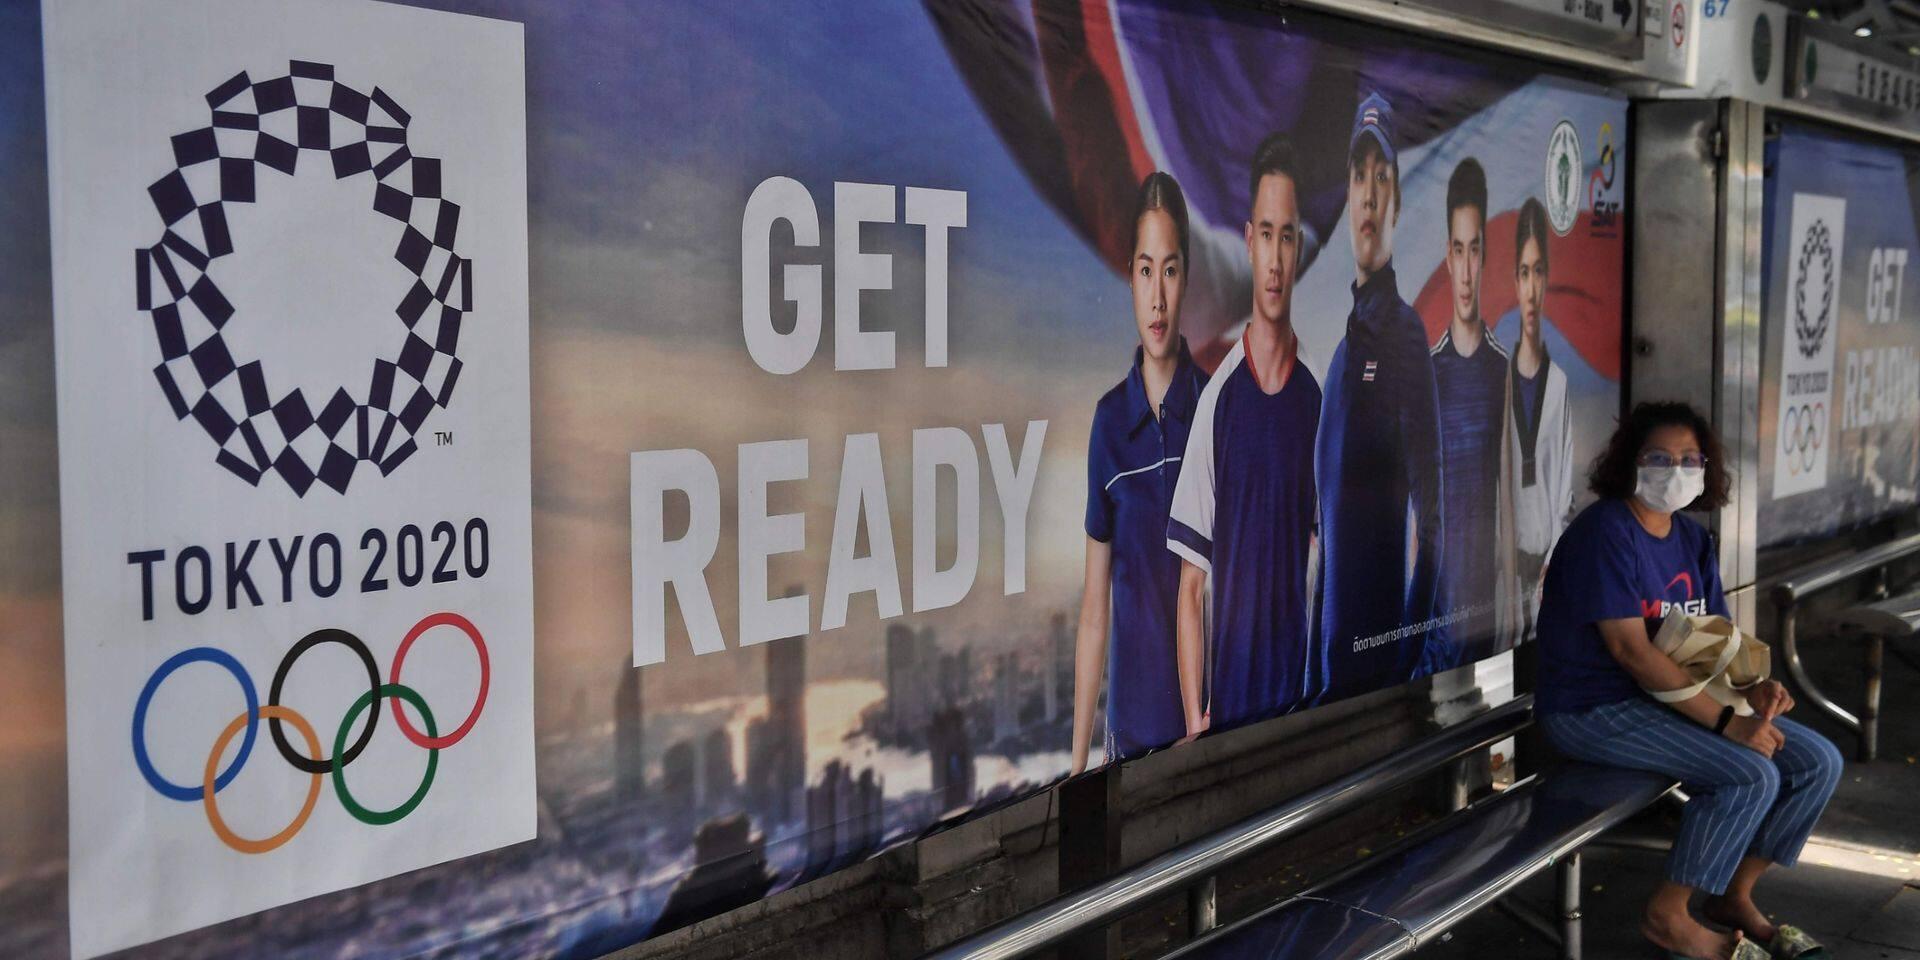 Pour ou contre: faut-il reporter les Jeux Olympiques?